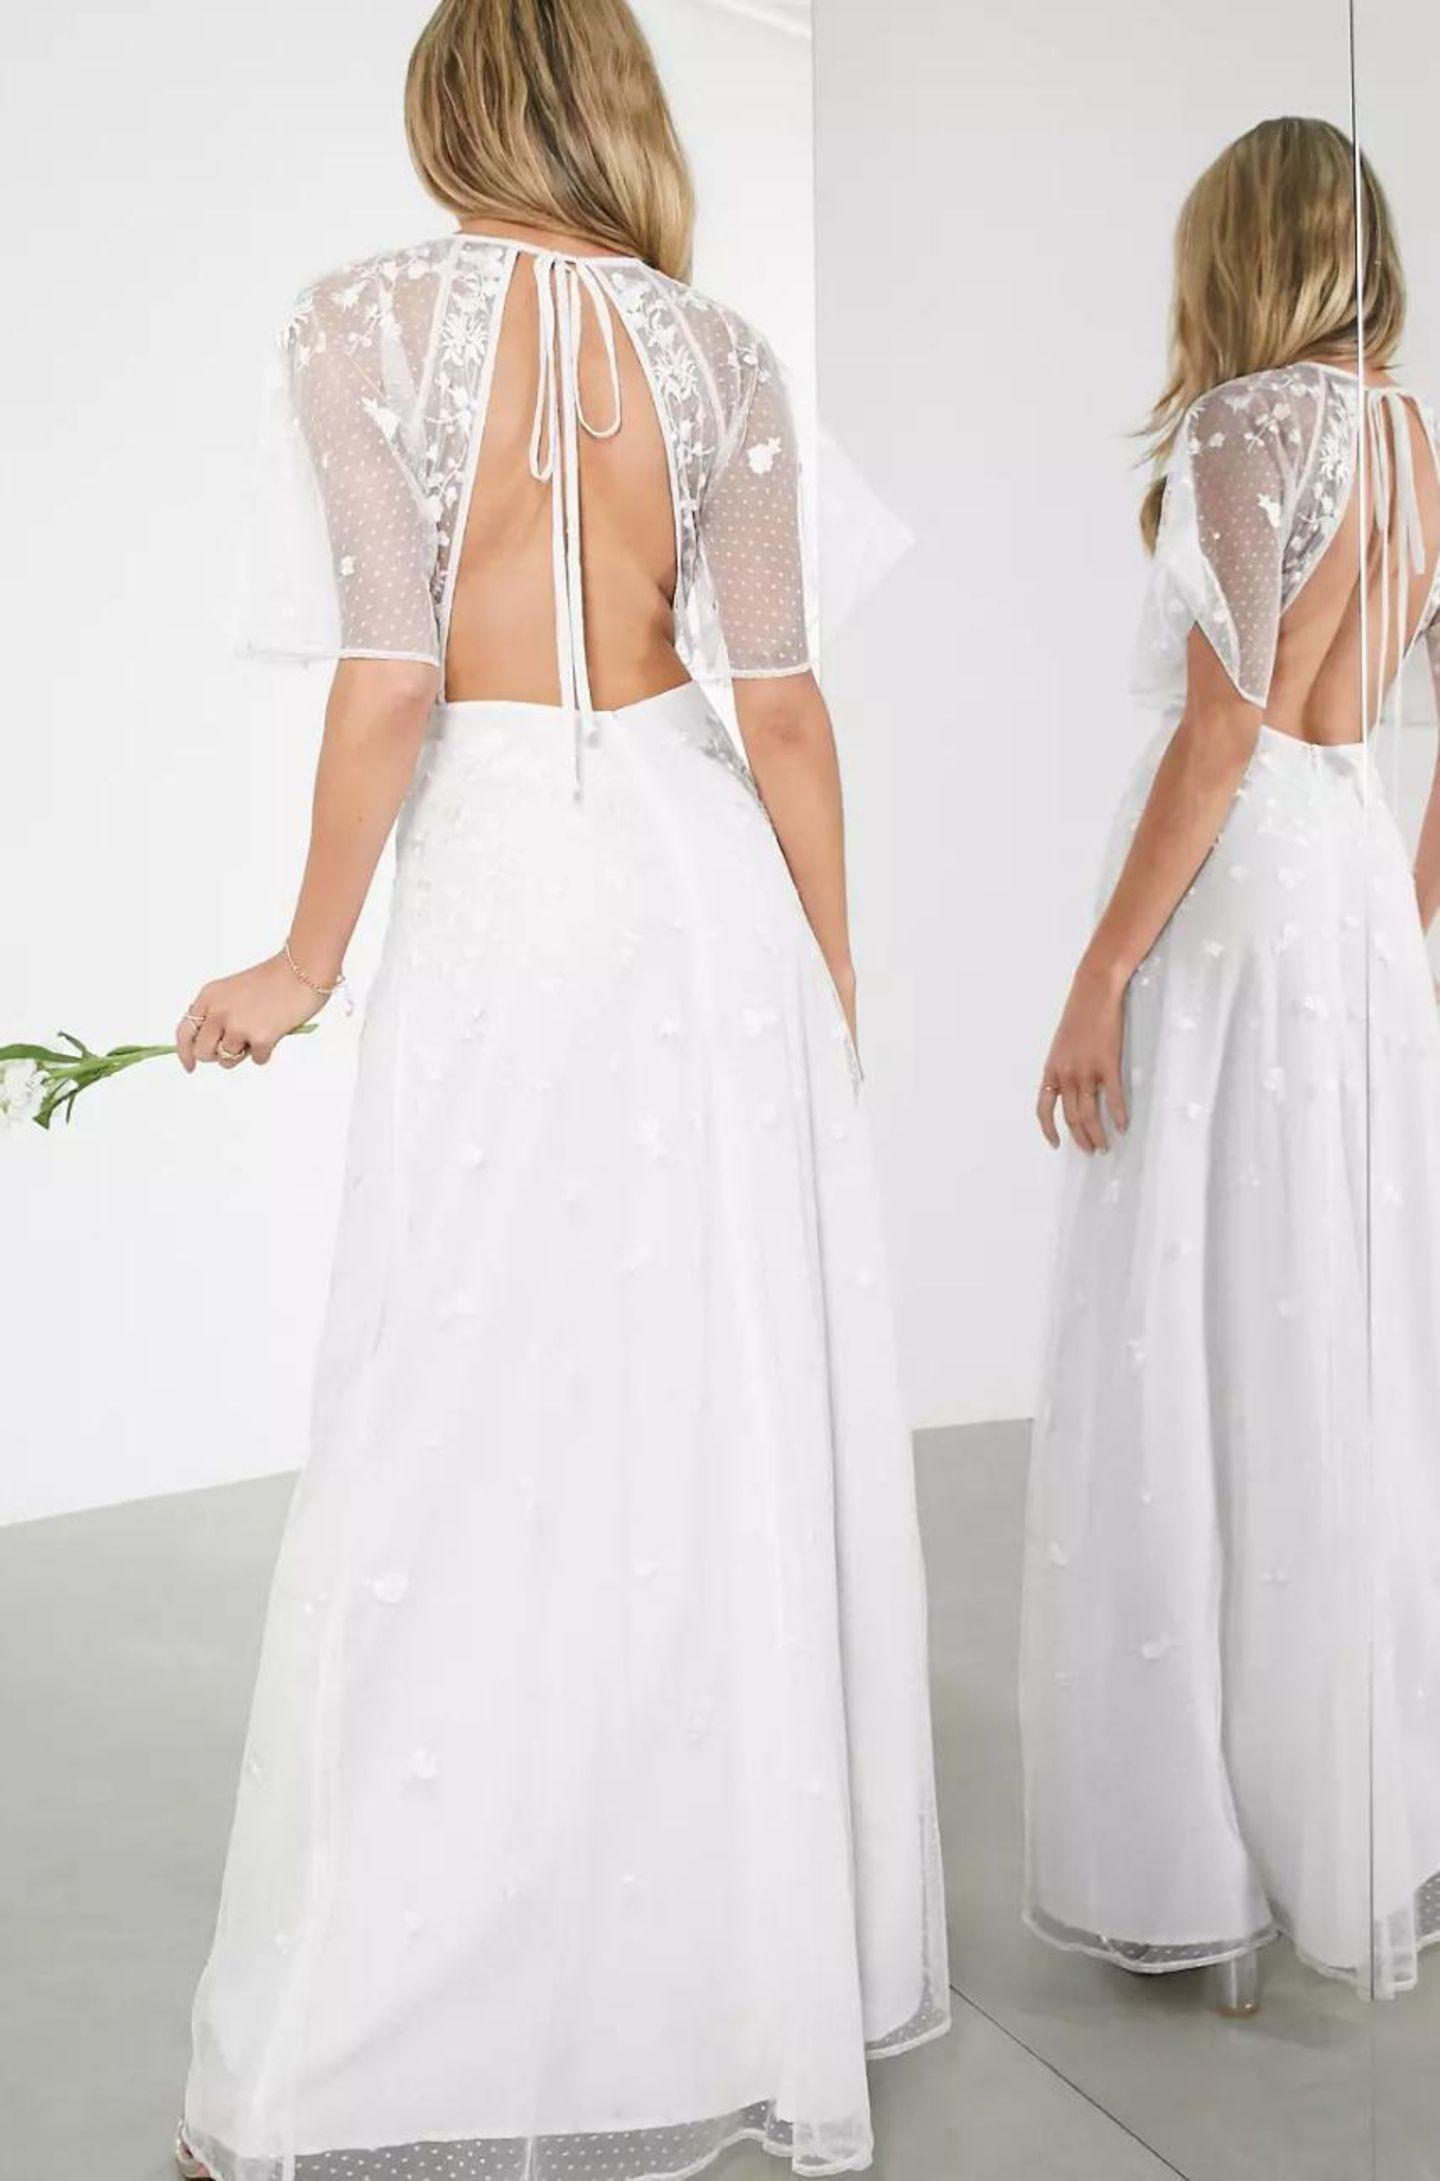 Ein Model präsentiert ein Brautkleid und zeigt dabei den Rückenausschnitt des Kleides.